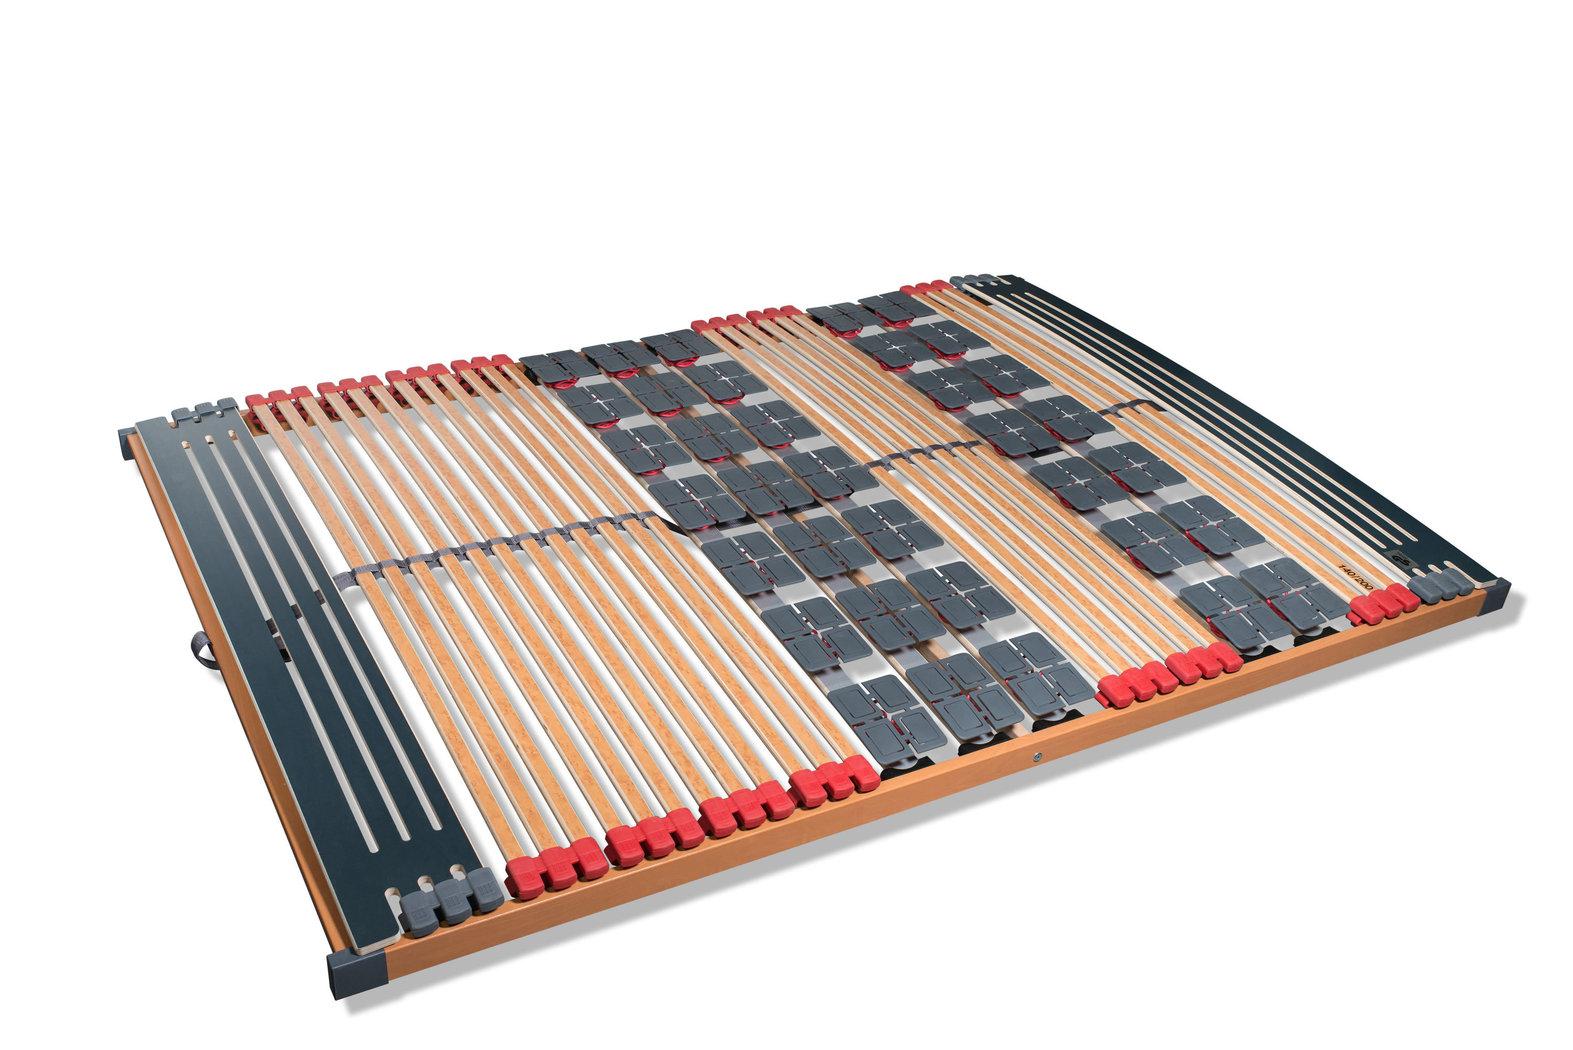 7 zonen leisten teller lattenrost rhodos komfort nv fmp matratzen manufaktur matratzen und. Black Bedroom Furniture Sets. Home Design Ideas